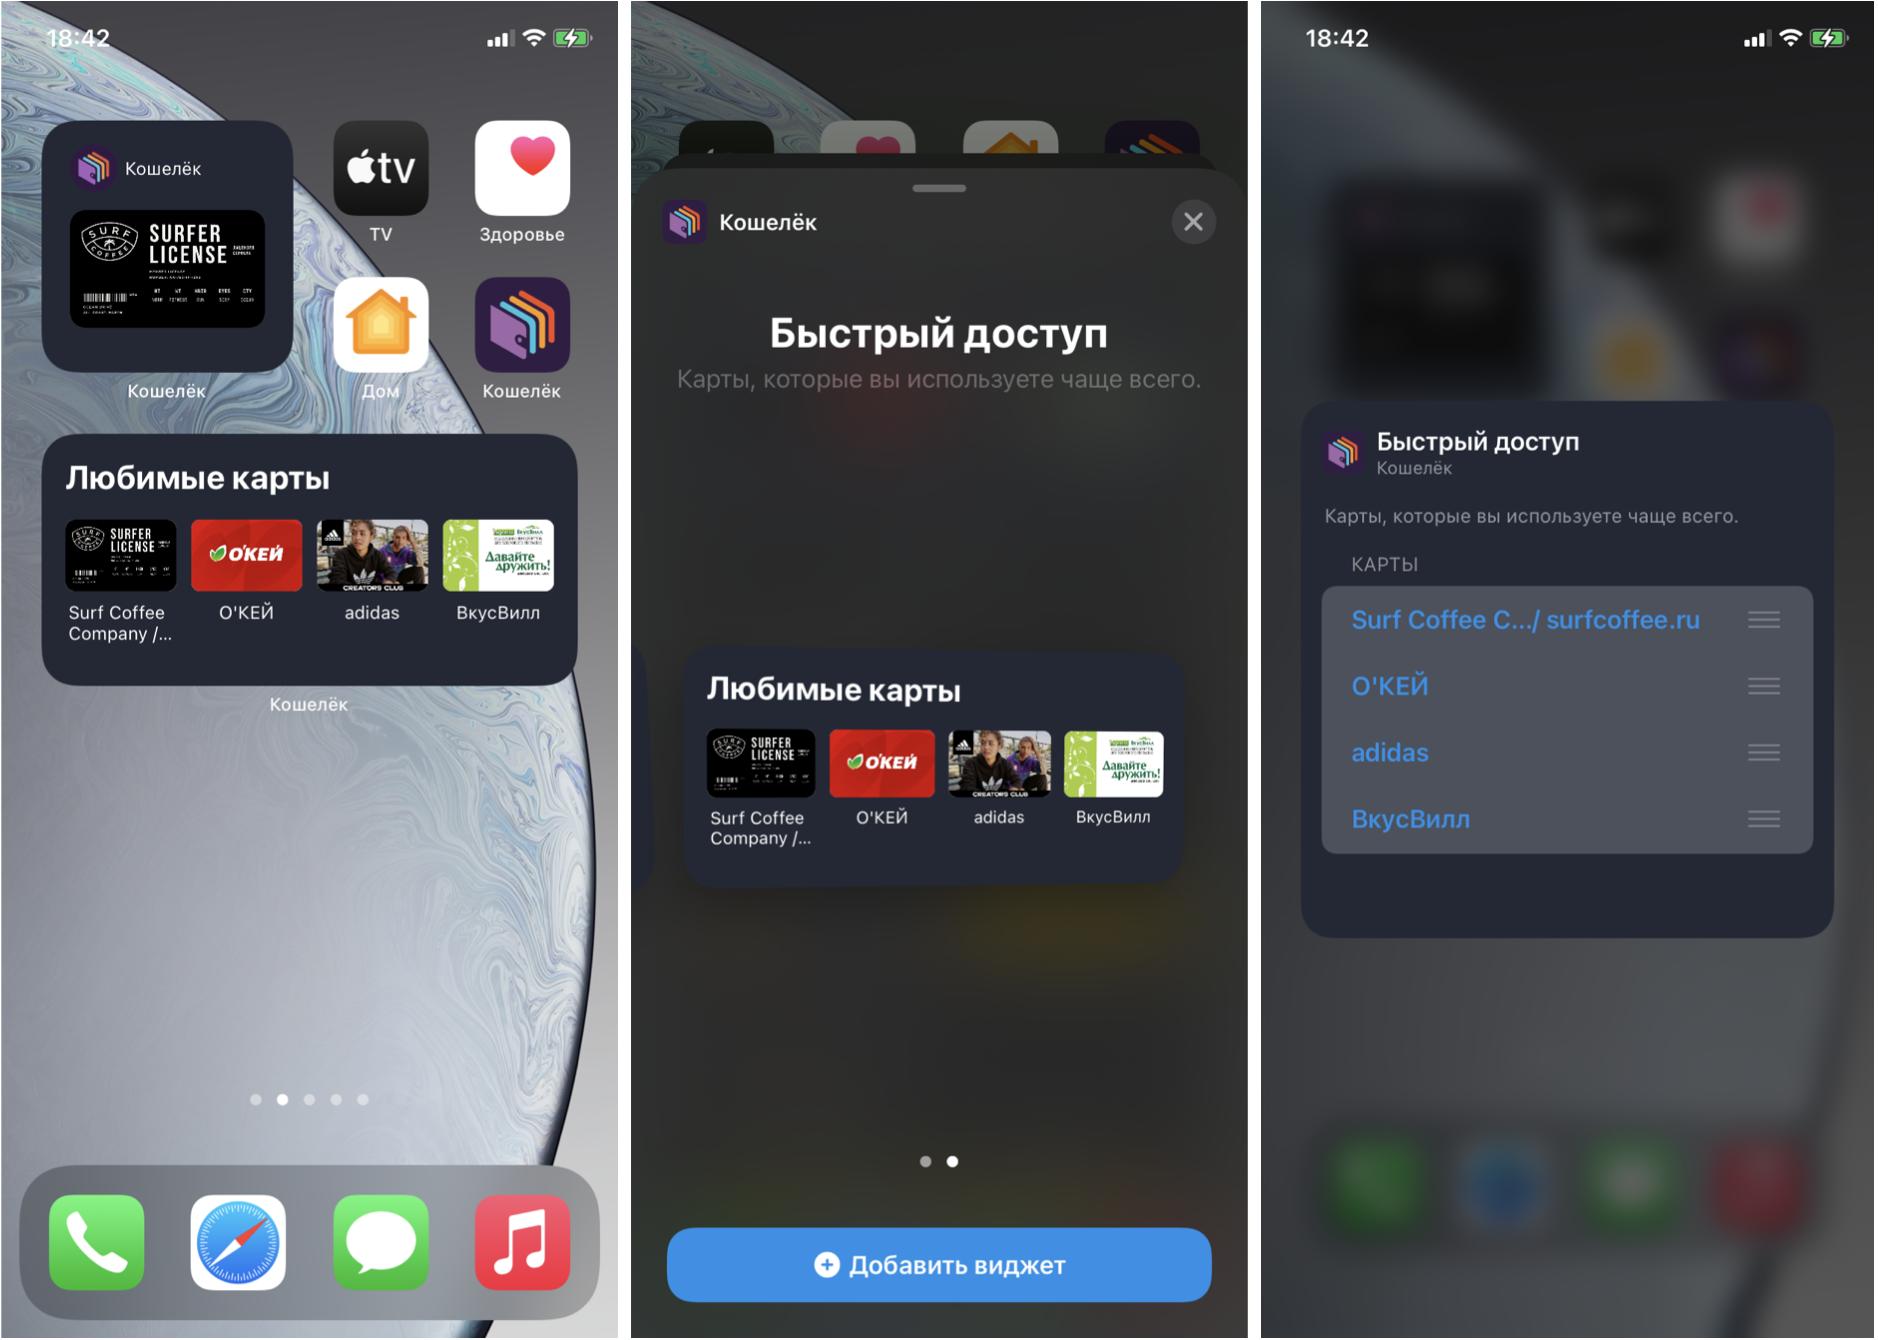 Виджеты в iOS 14  возможности и ограничения